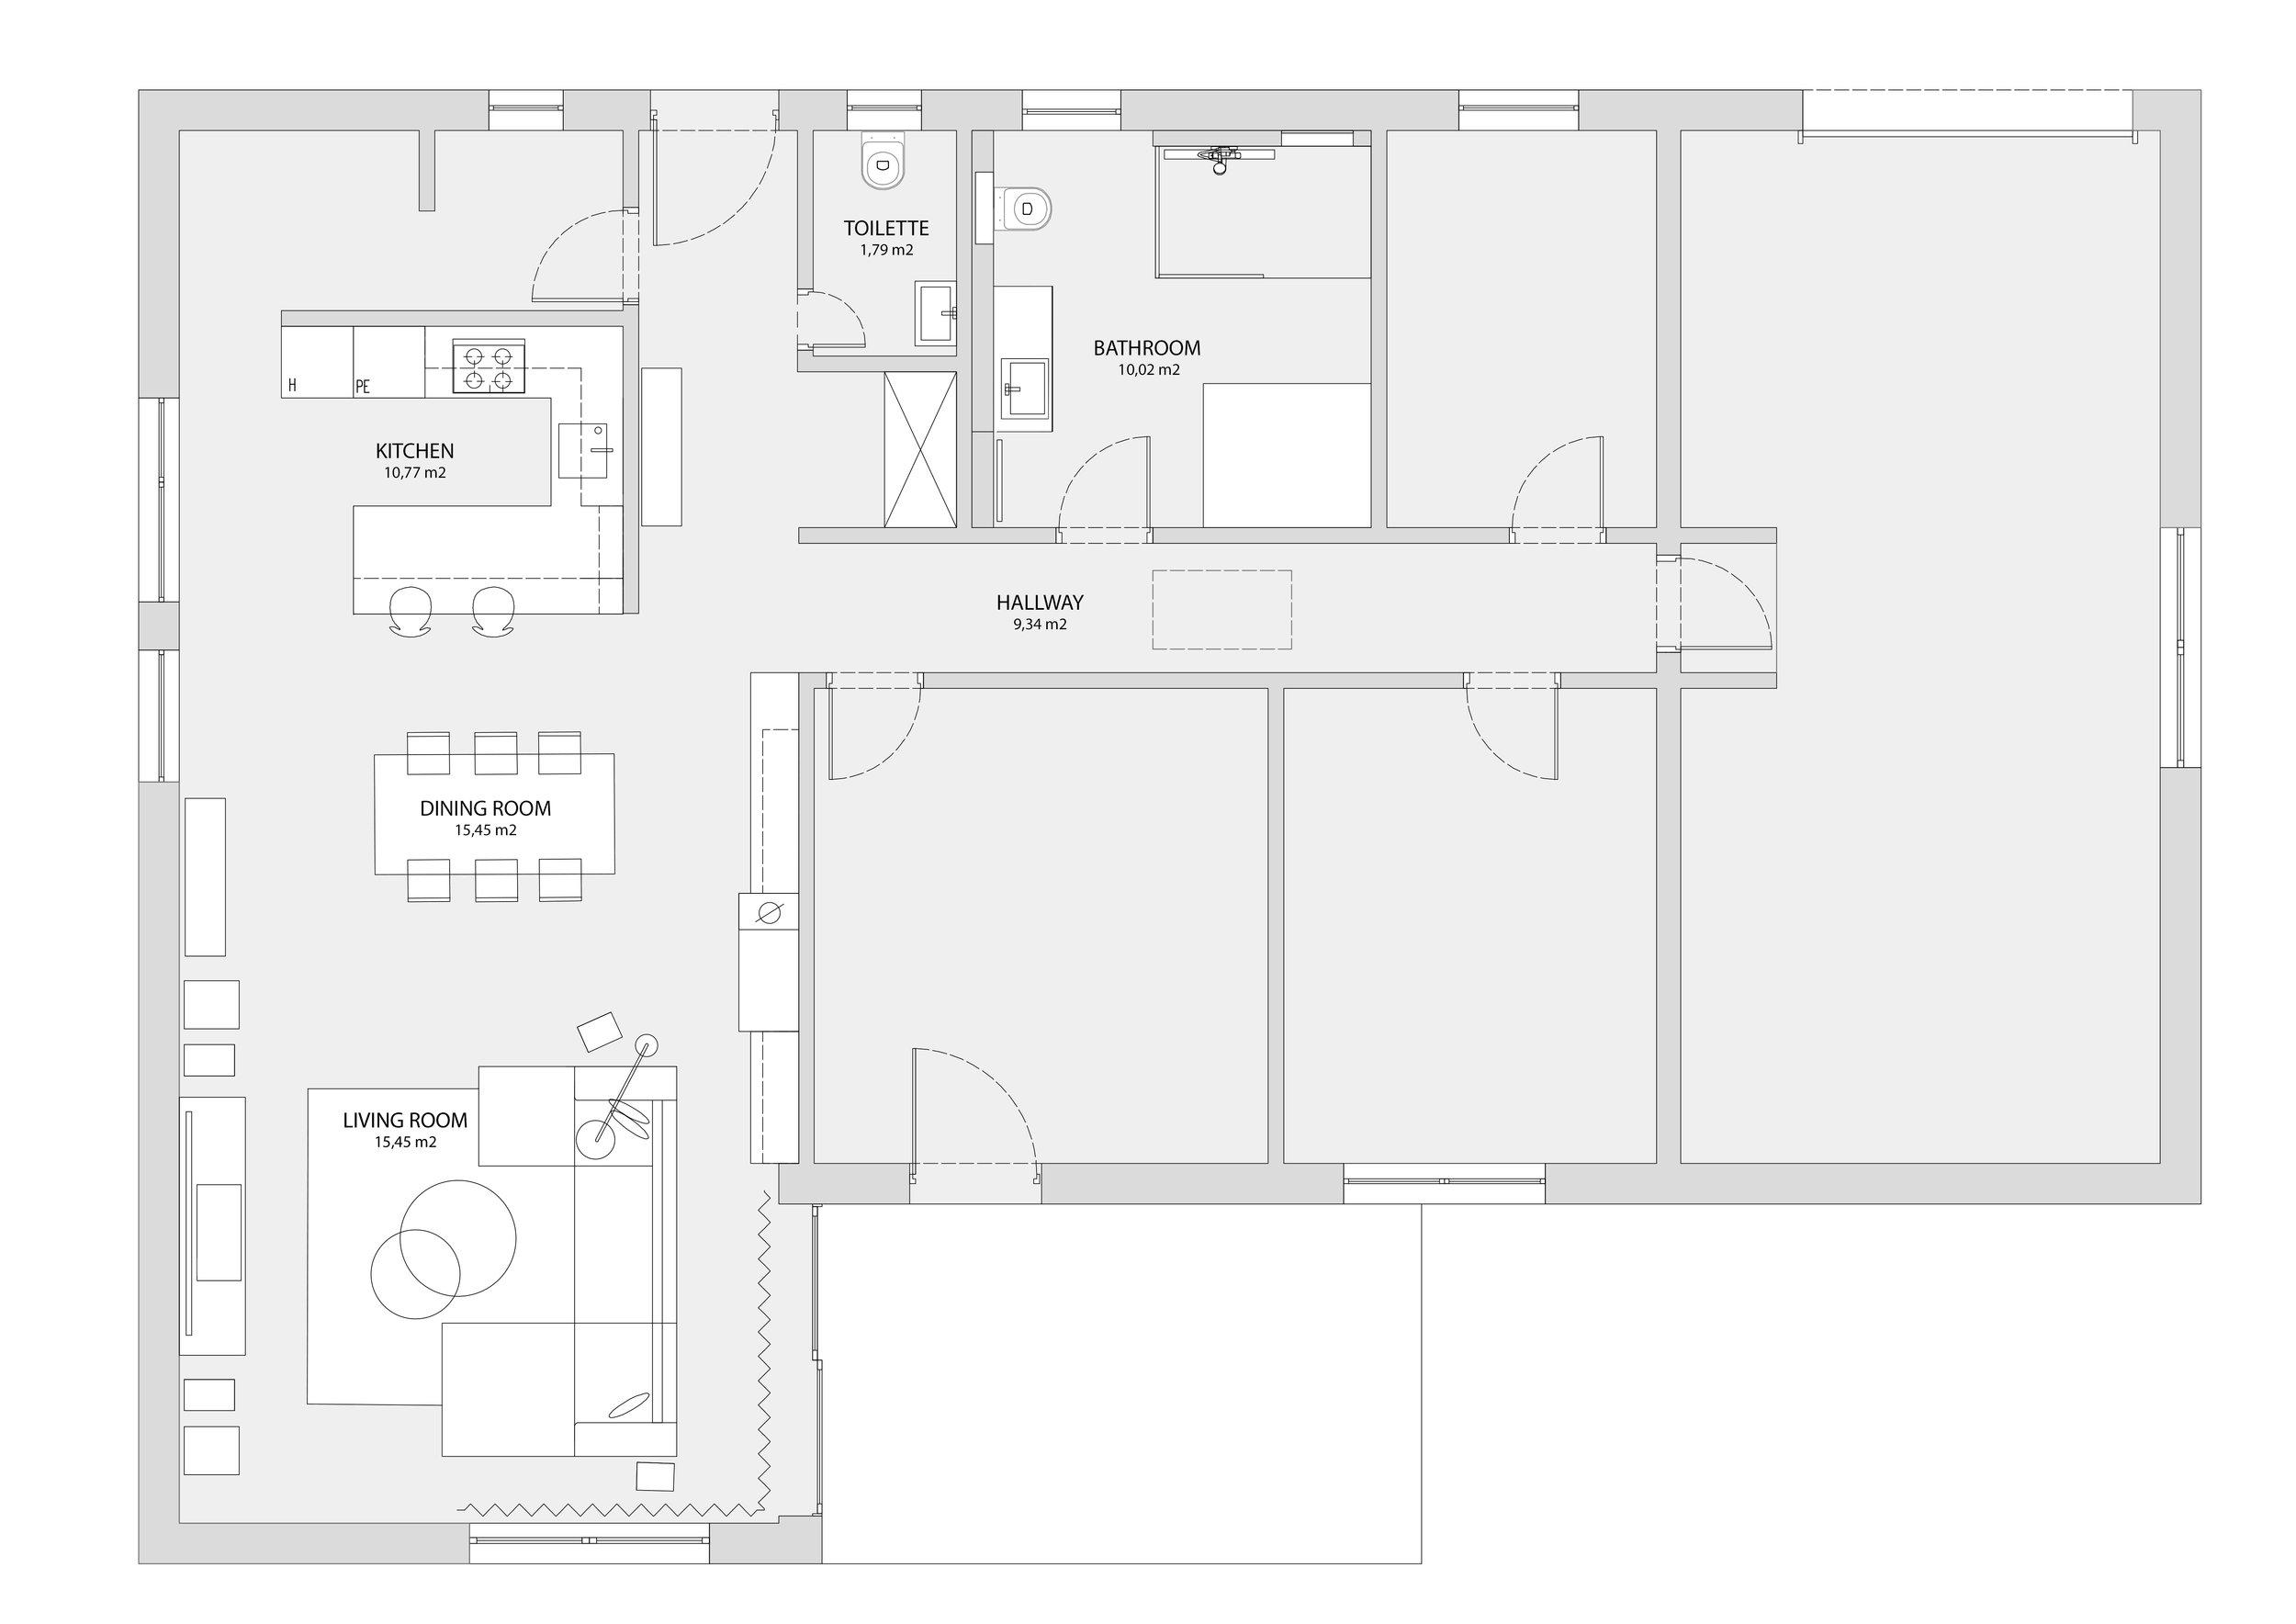 projekt poke studio_hiša pohorje_tloris